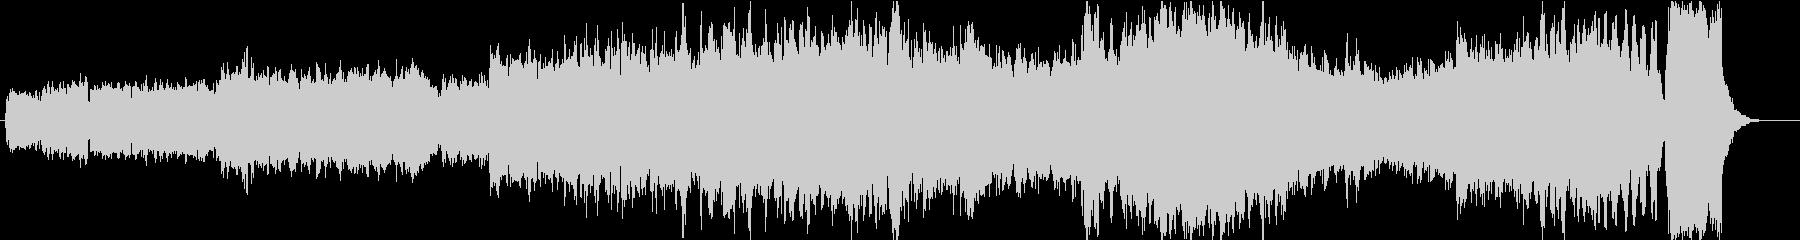 バッハ 小フーガト短調の未再生の波形